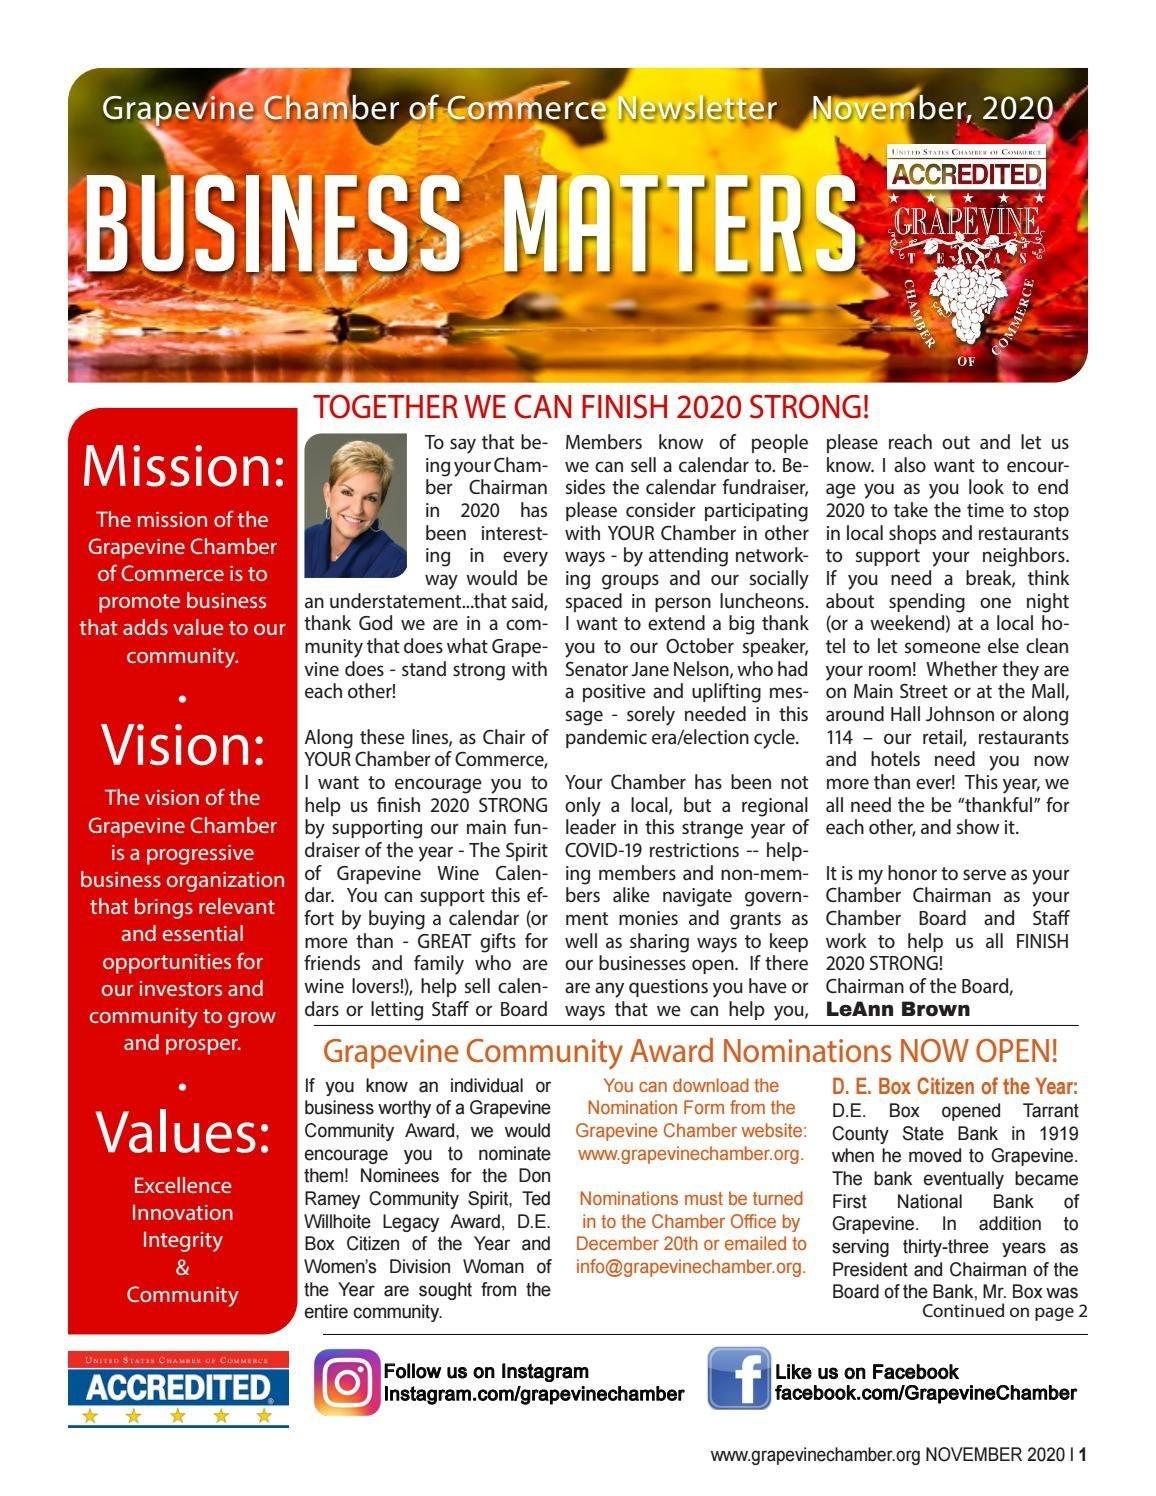 Grapevine Chamber November 2020 Newsletter By Grapevine